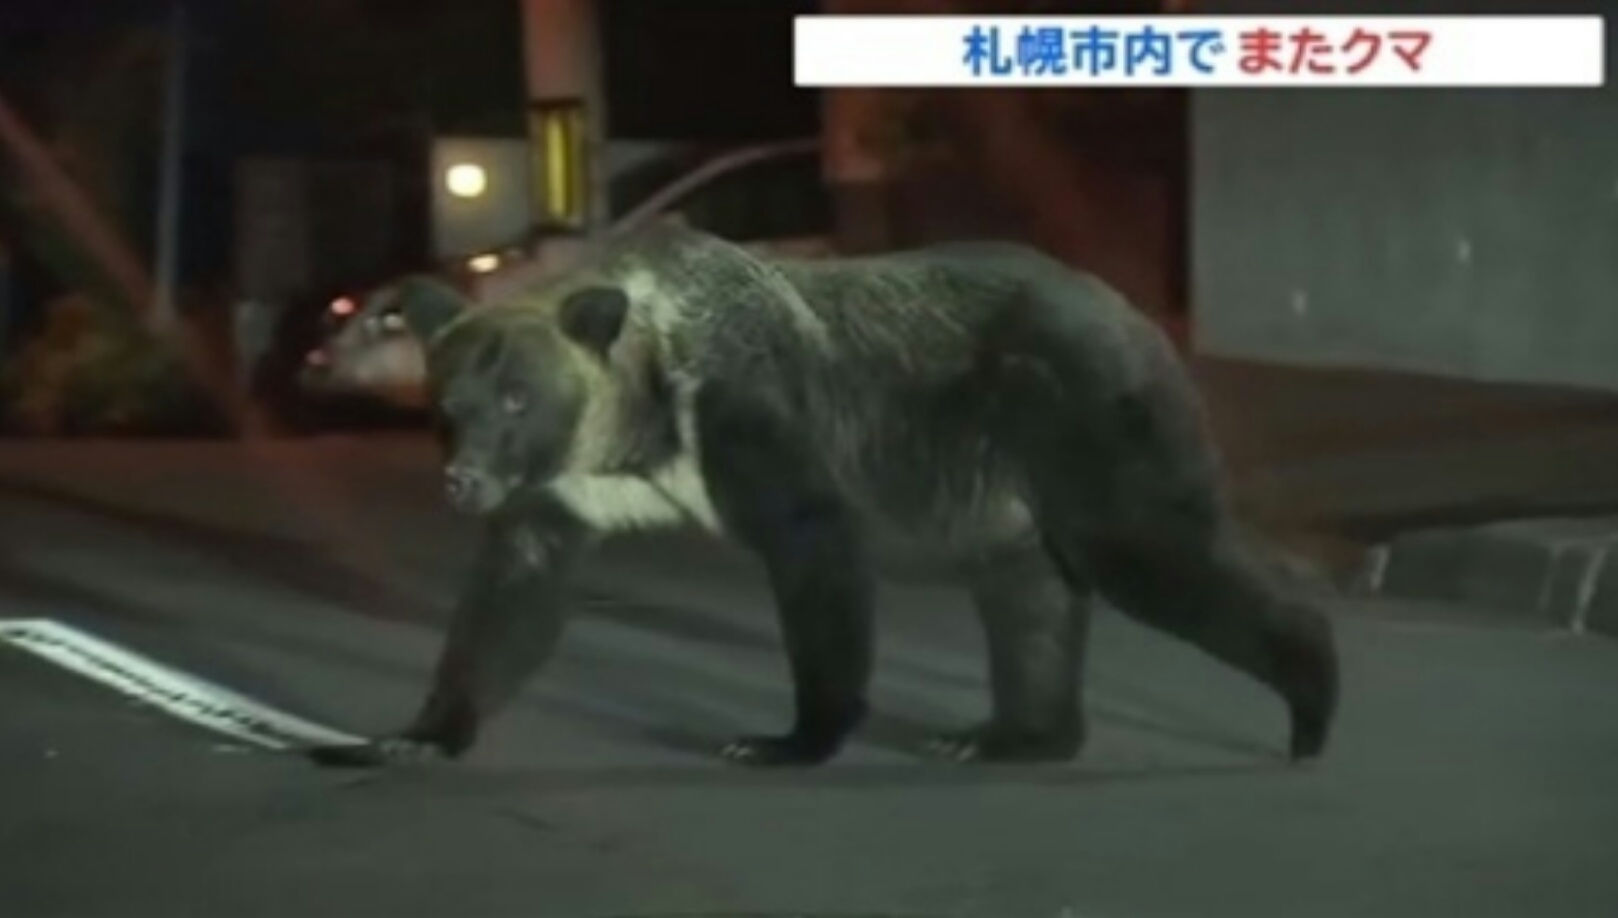 【画像】札幌の住宅街にヒグマ。試されすぎだろこの大地…